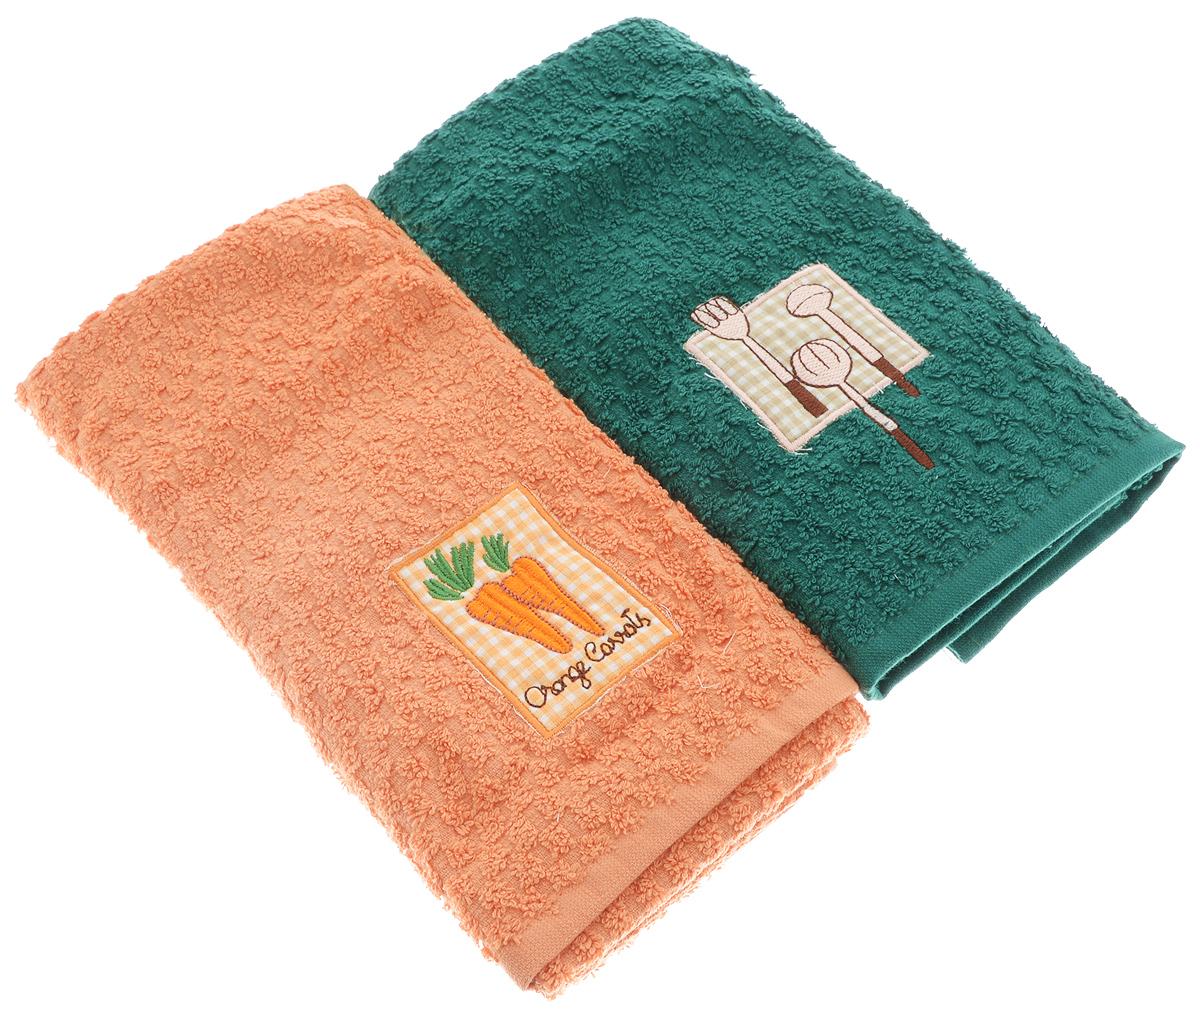 Набор кухонных полотенец Bonita Солнечный, 40 х 60 см, 2 шт20100313373морковь/ложкиНабор полотенец Bonita Солнечный, изготовленный из махры - 100% хлопка, идеально дополнит интерьер вашей кухни и создаст атмосферу уюта и комфорта. В набор входят два полотенца, которые оформлены вышивкой. Изделия выполнены из натурального материала, поэтому являются экологически чистыми. Высочайшее качество материала гарантирует безопасность не только взрослых, но и самых маленьких членов семьи. Современный декоративный текстиль для дома должен быть экологически чистым продуктом и отличаться ярким и современным дизайном. Кухня, столовая, гостиная - то место в доме, где хочется собраться всем вместе, ощутить радость и уют. И немалая доля этого уюта зависит от подобранных под вашу мебель, и что уж говорить, под ваше настроение - полотенец, скатертей, салфеток и прочих милых мелочей. Bonita предлагает коллекции готовых стилистических решений для различной кухонной мебели, множество видов, рисунков и цветов. Вам легко будет...